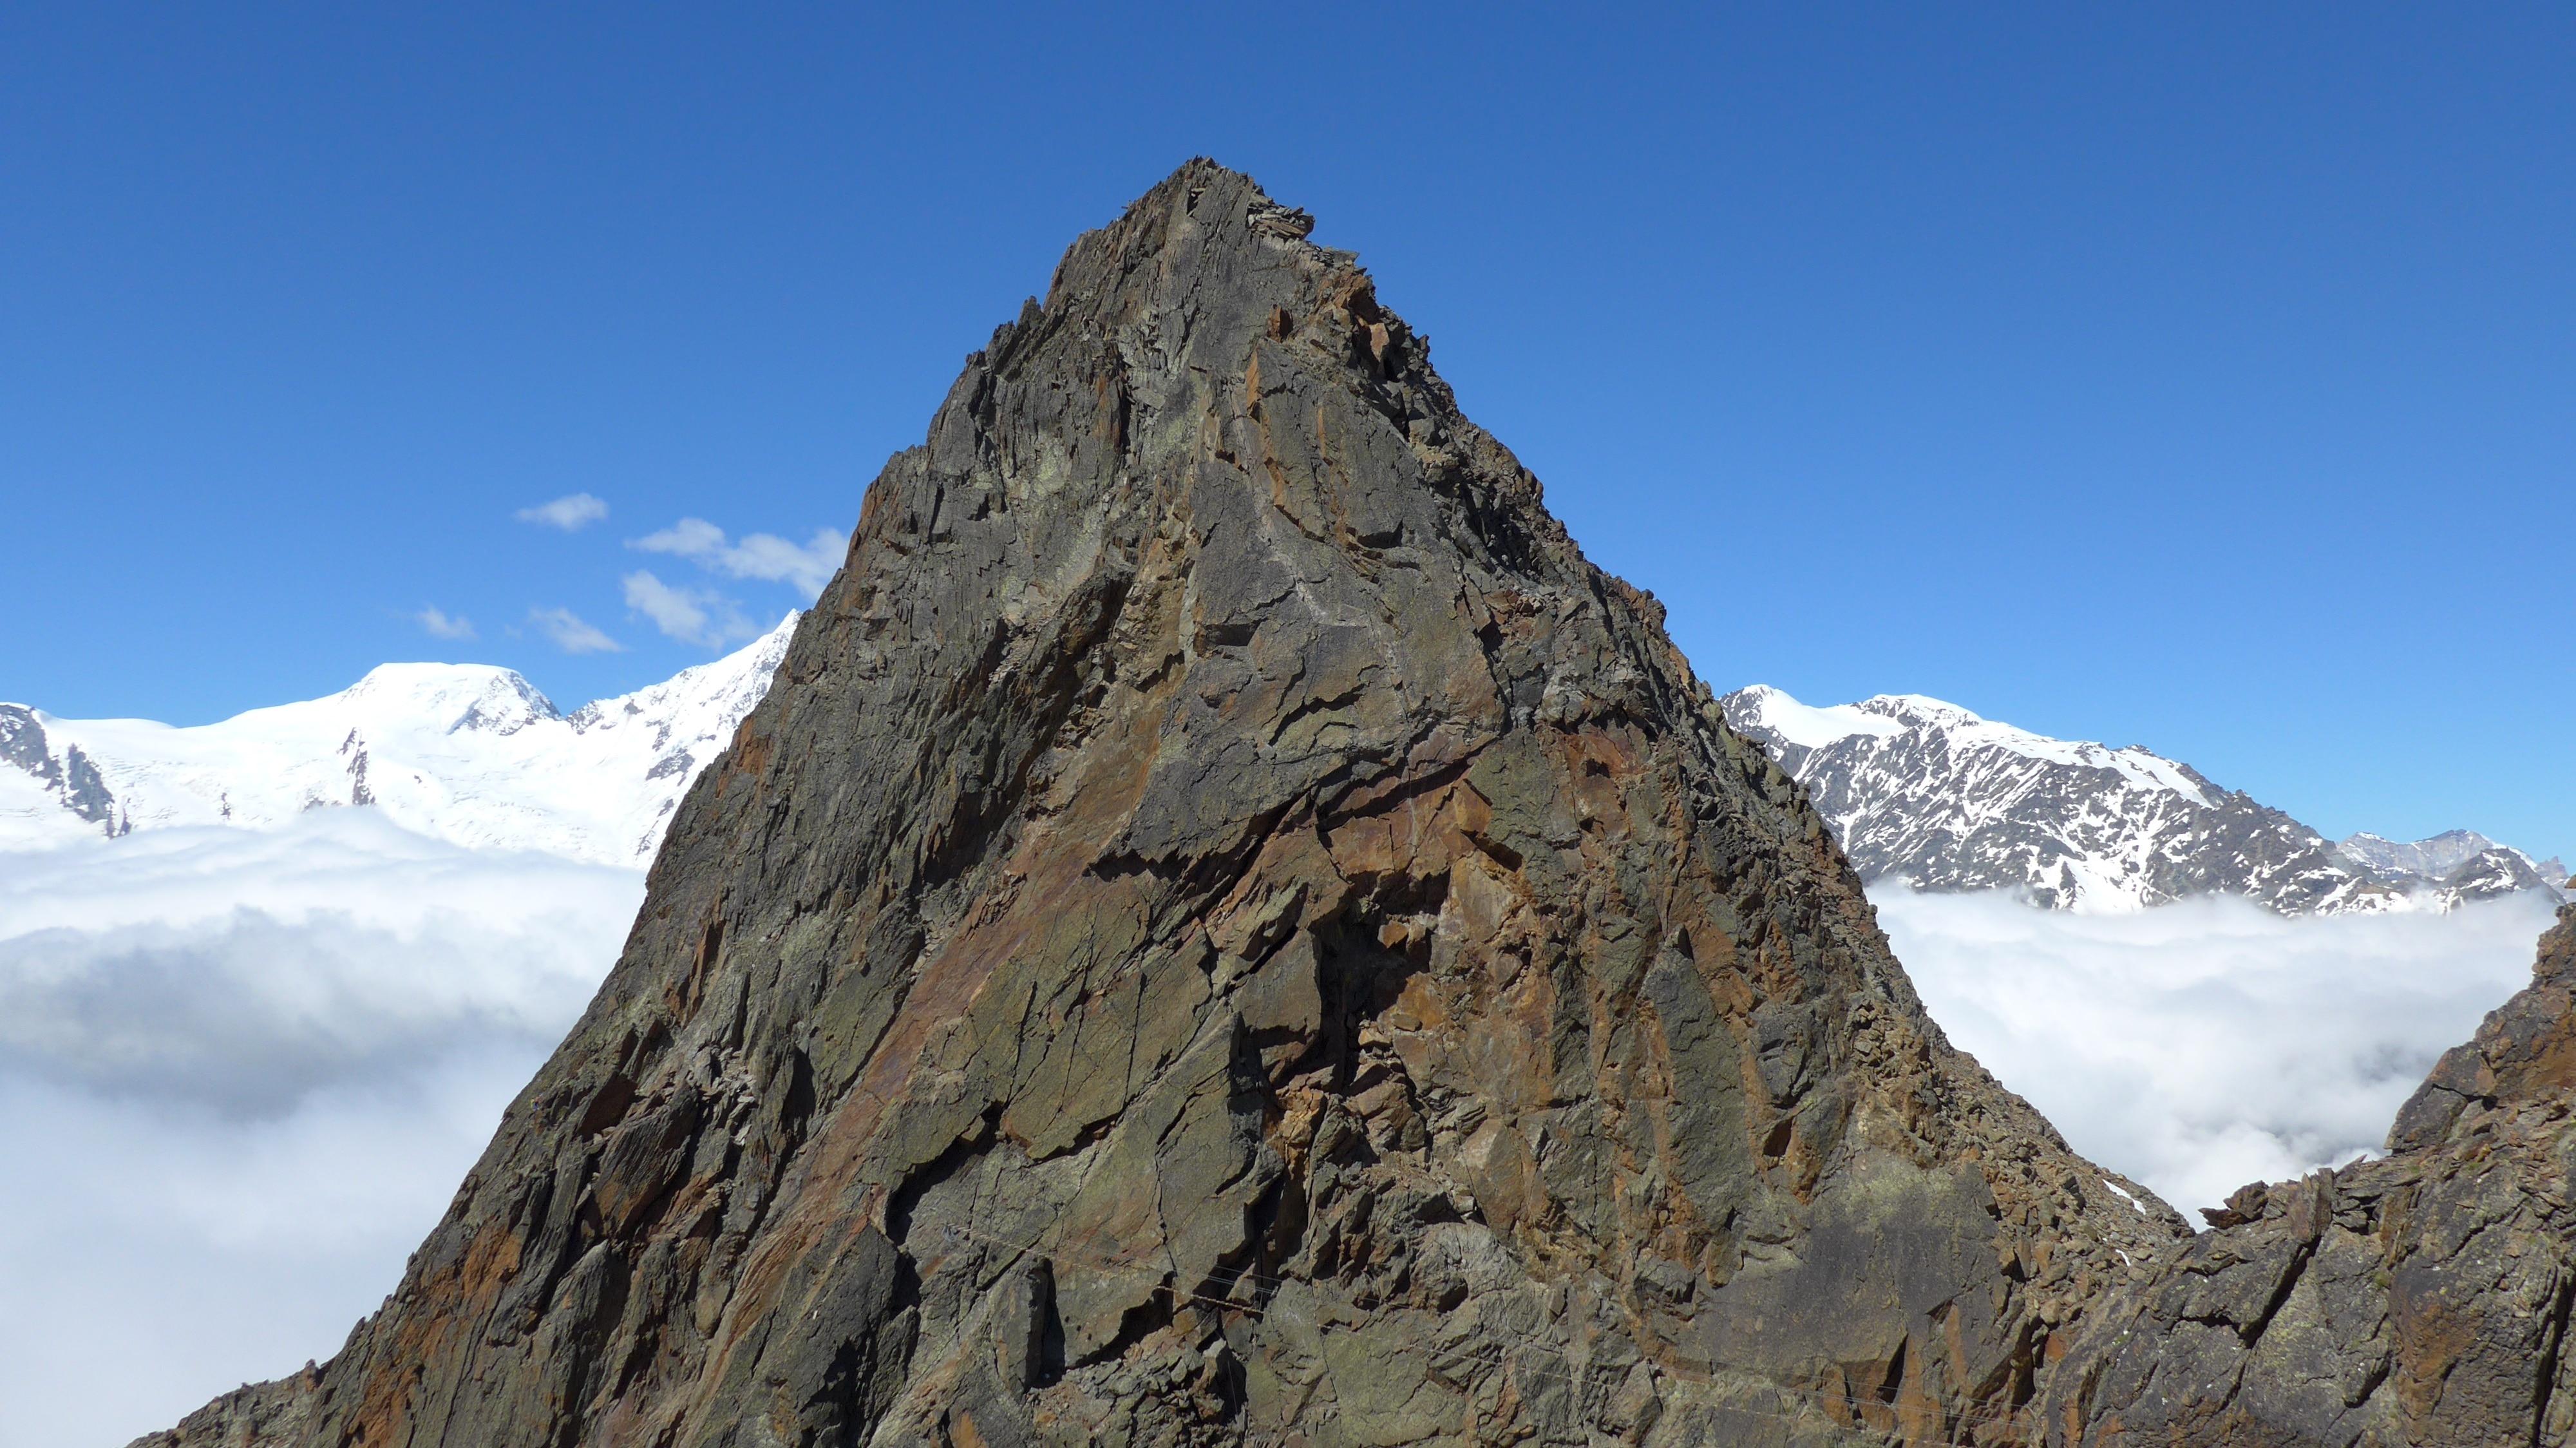 Klettersteig Jägihorn : Klettersteige klettersteig jägihorn km bergwelten